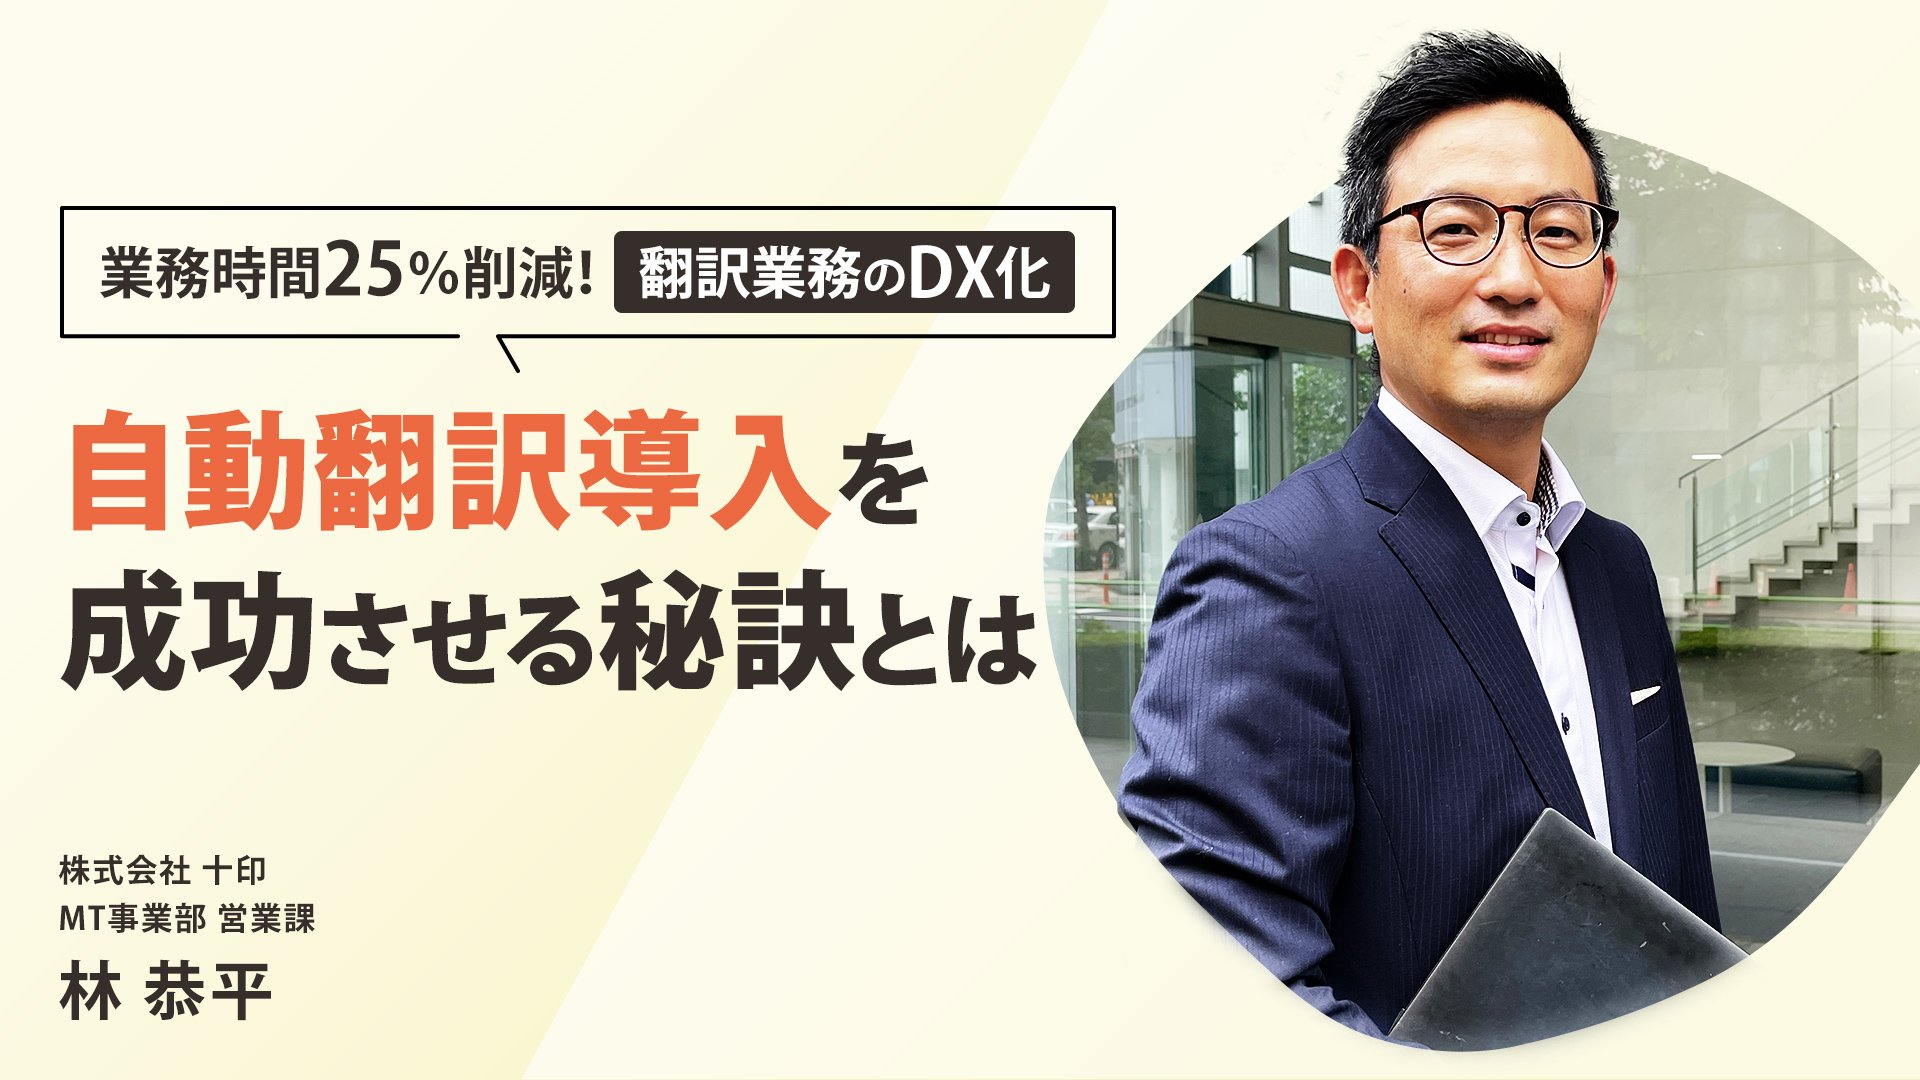 業務時間25%削減!「翻訳業務のDX化」自動翻訳導入を成功させる秘訣とは